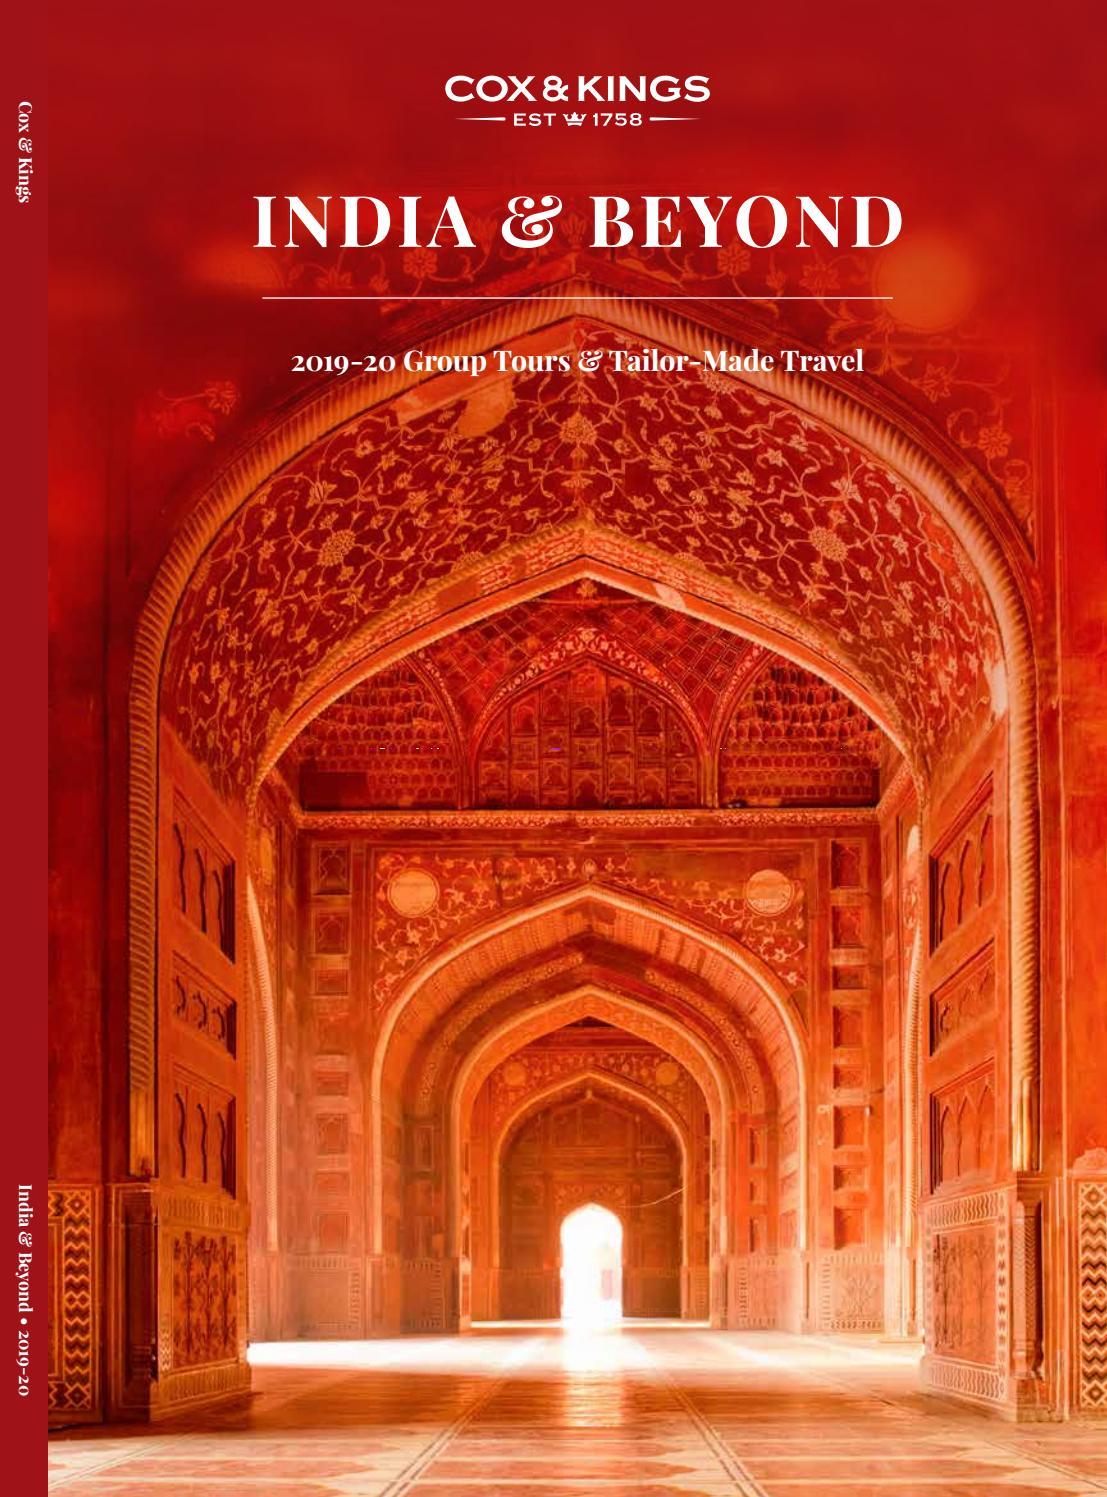 India Tours From Cox Kings By Sarah Tastsidis Tasteful Travel Issuu